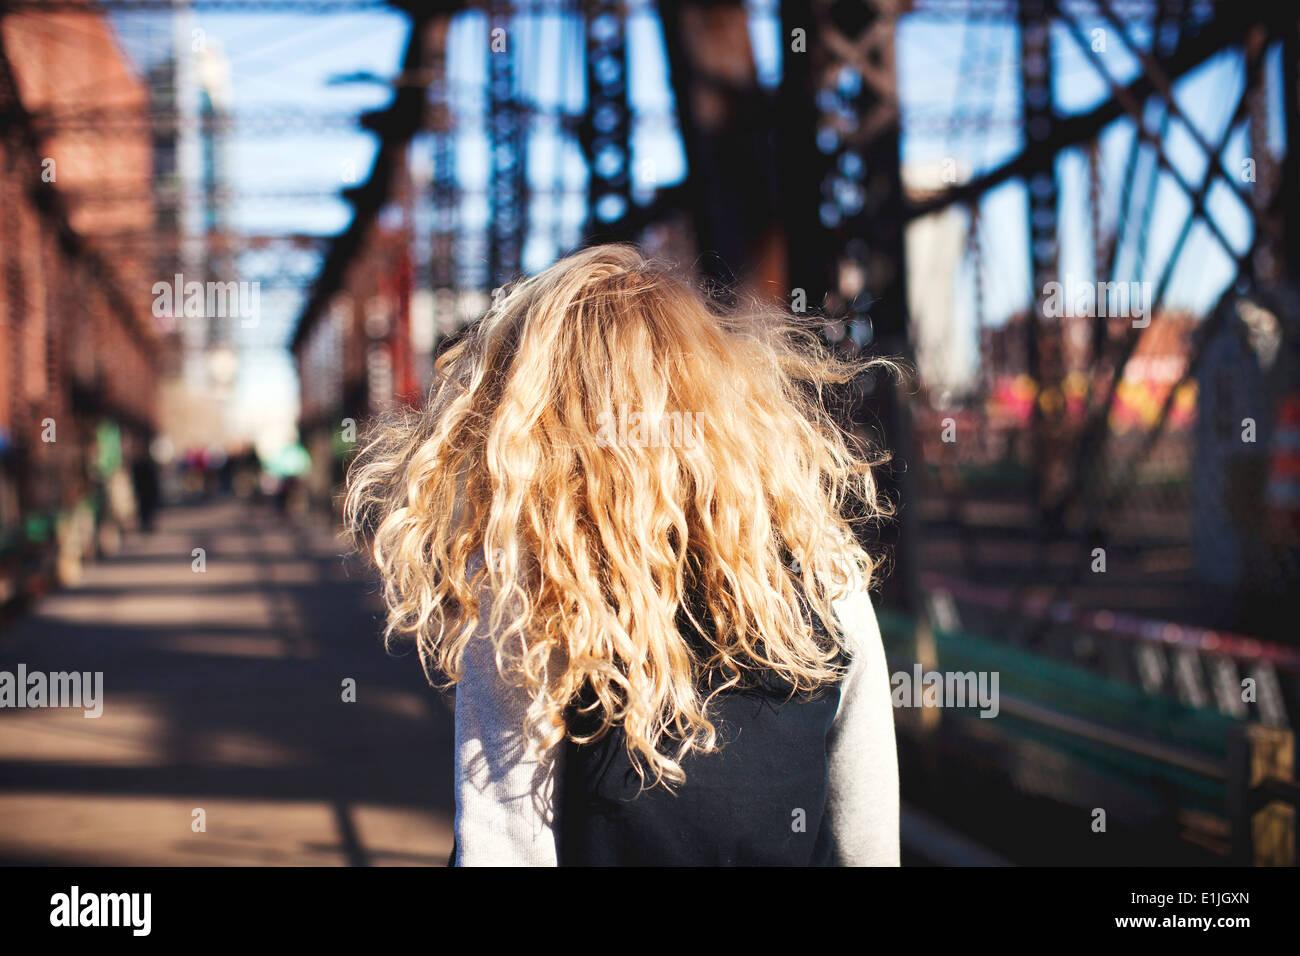 Young woman walking over bridge - Stock Image